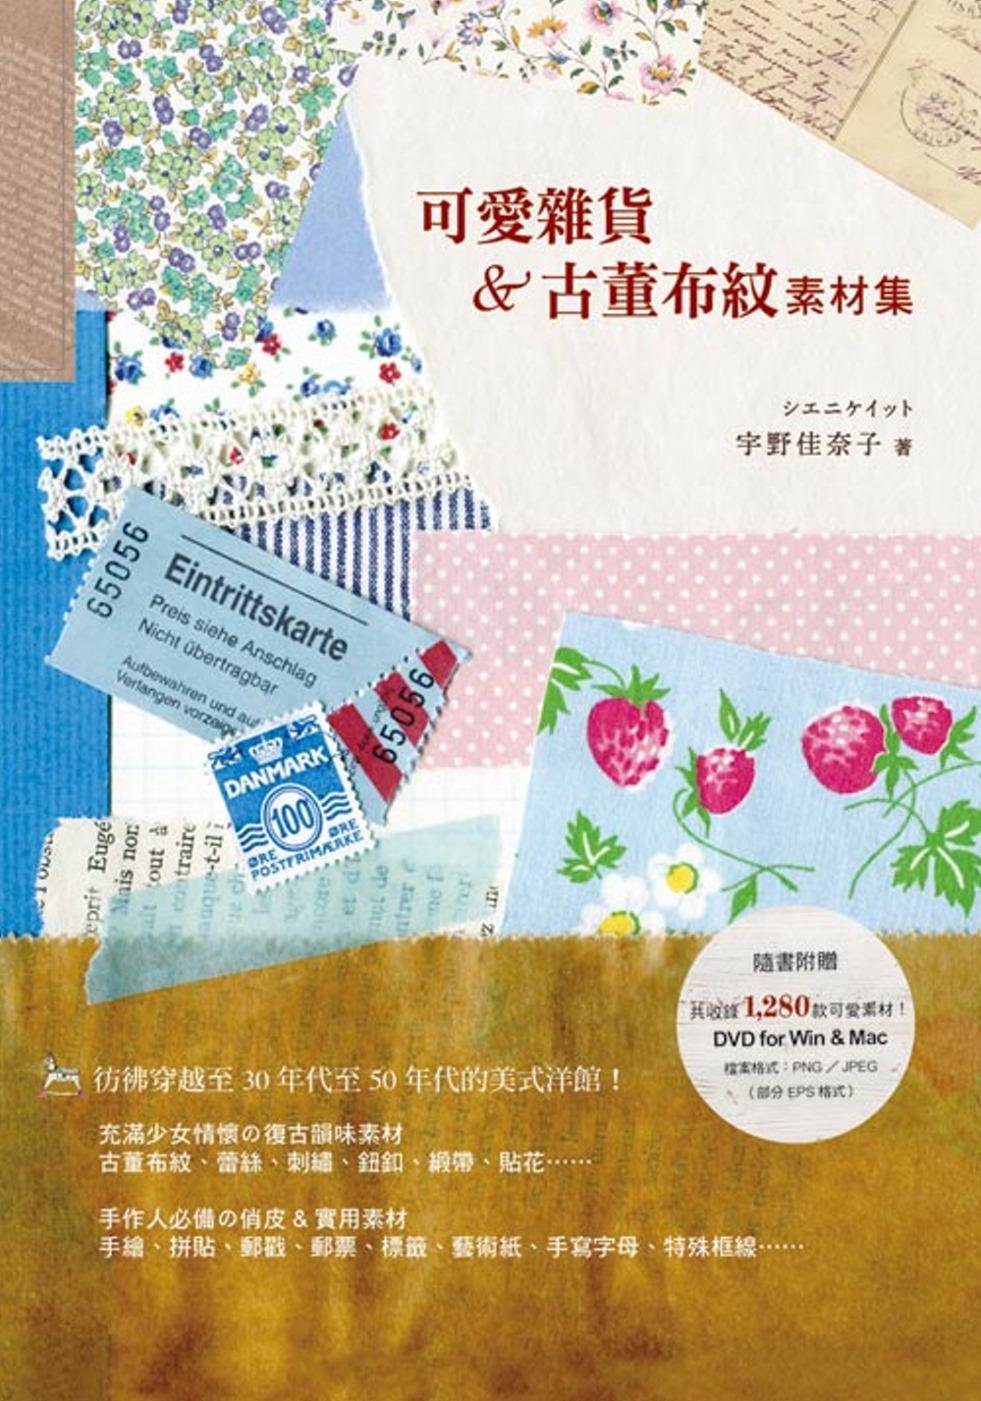 可愛雜貨&古董布紋素材集 隨書附贈DVD,共收錄1280款可愛素材!